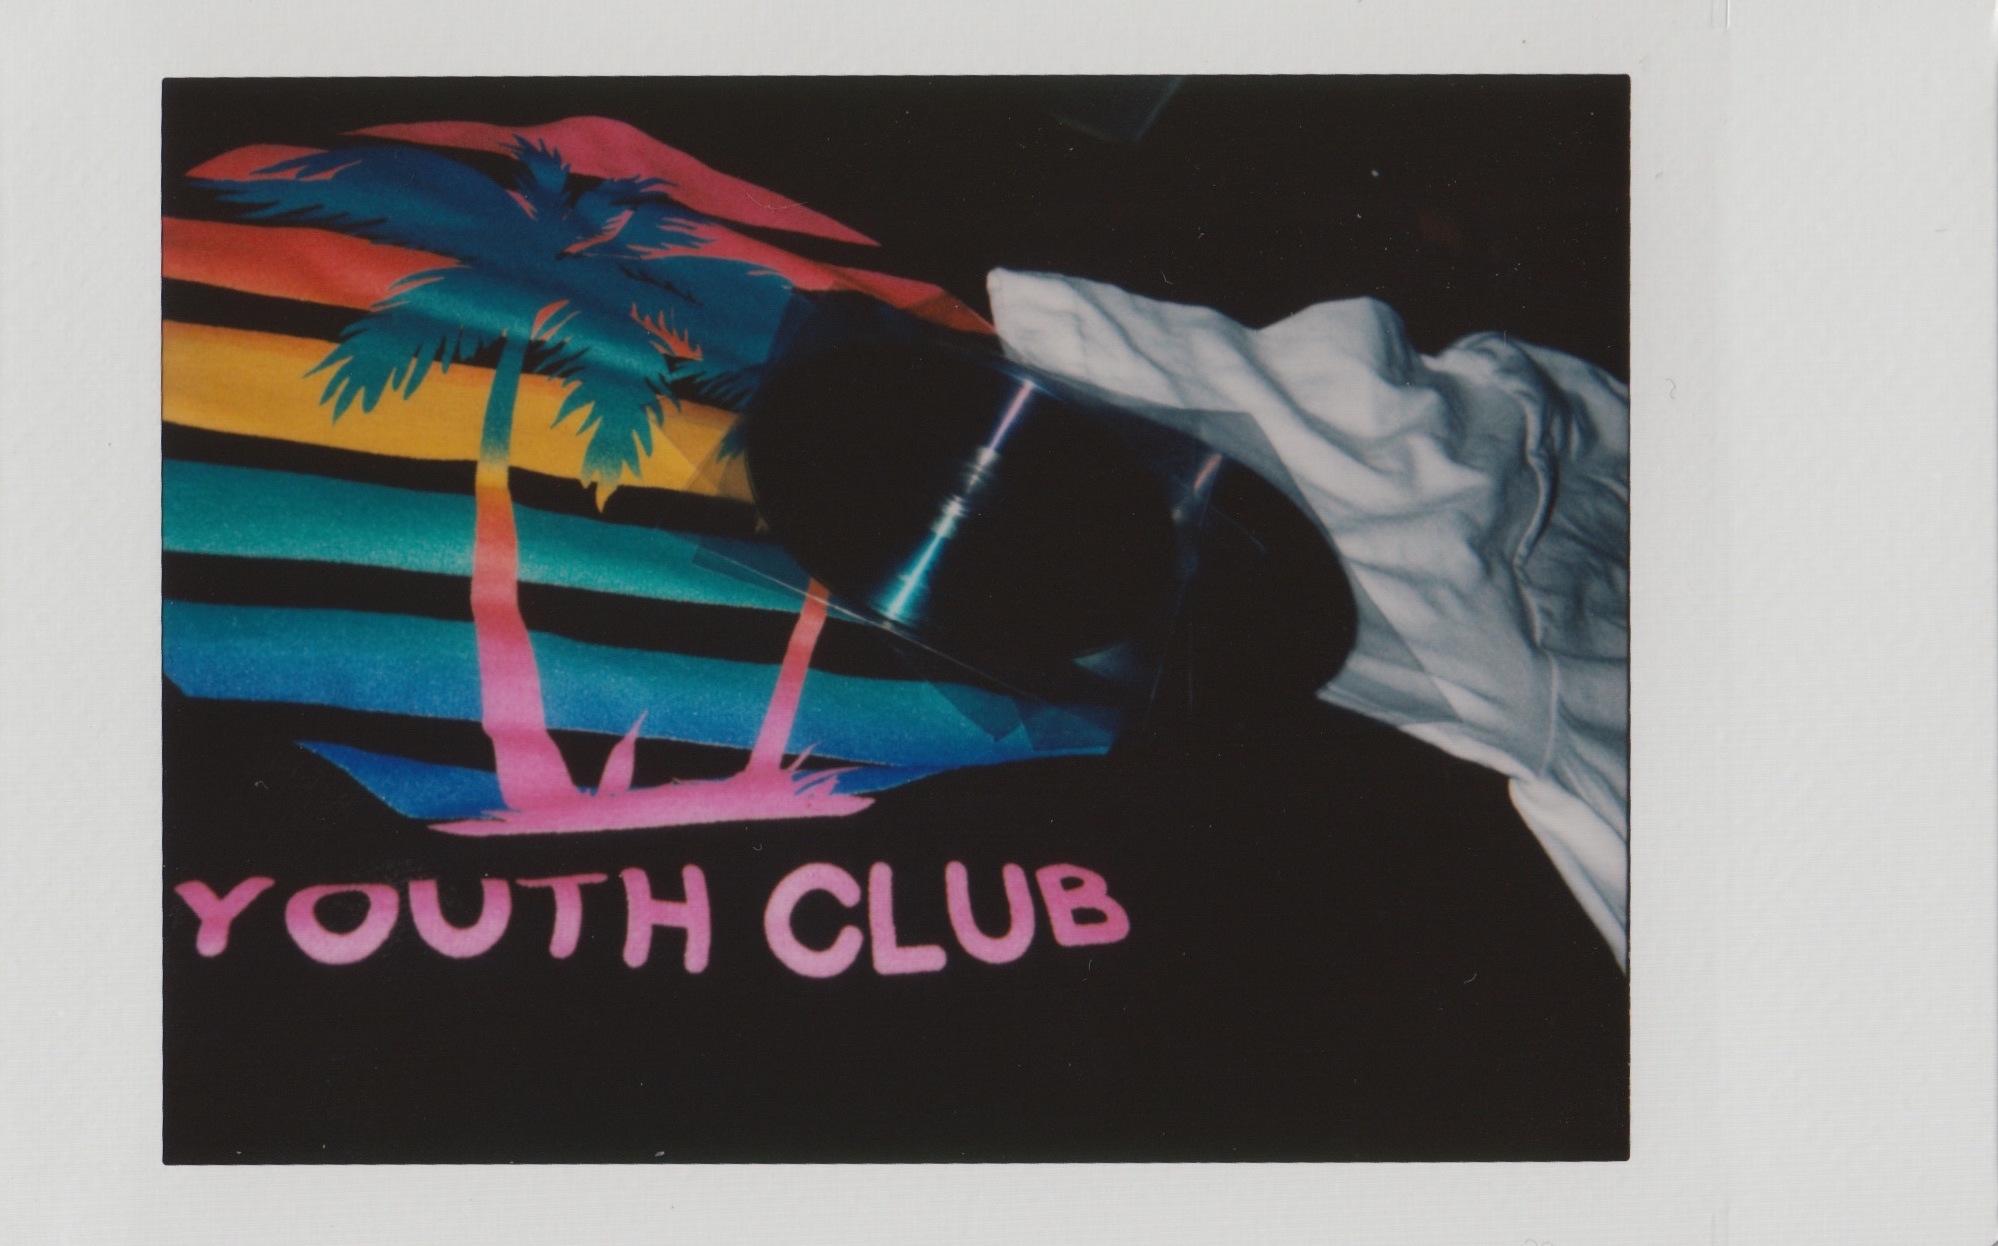 youth club 4.jpeg